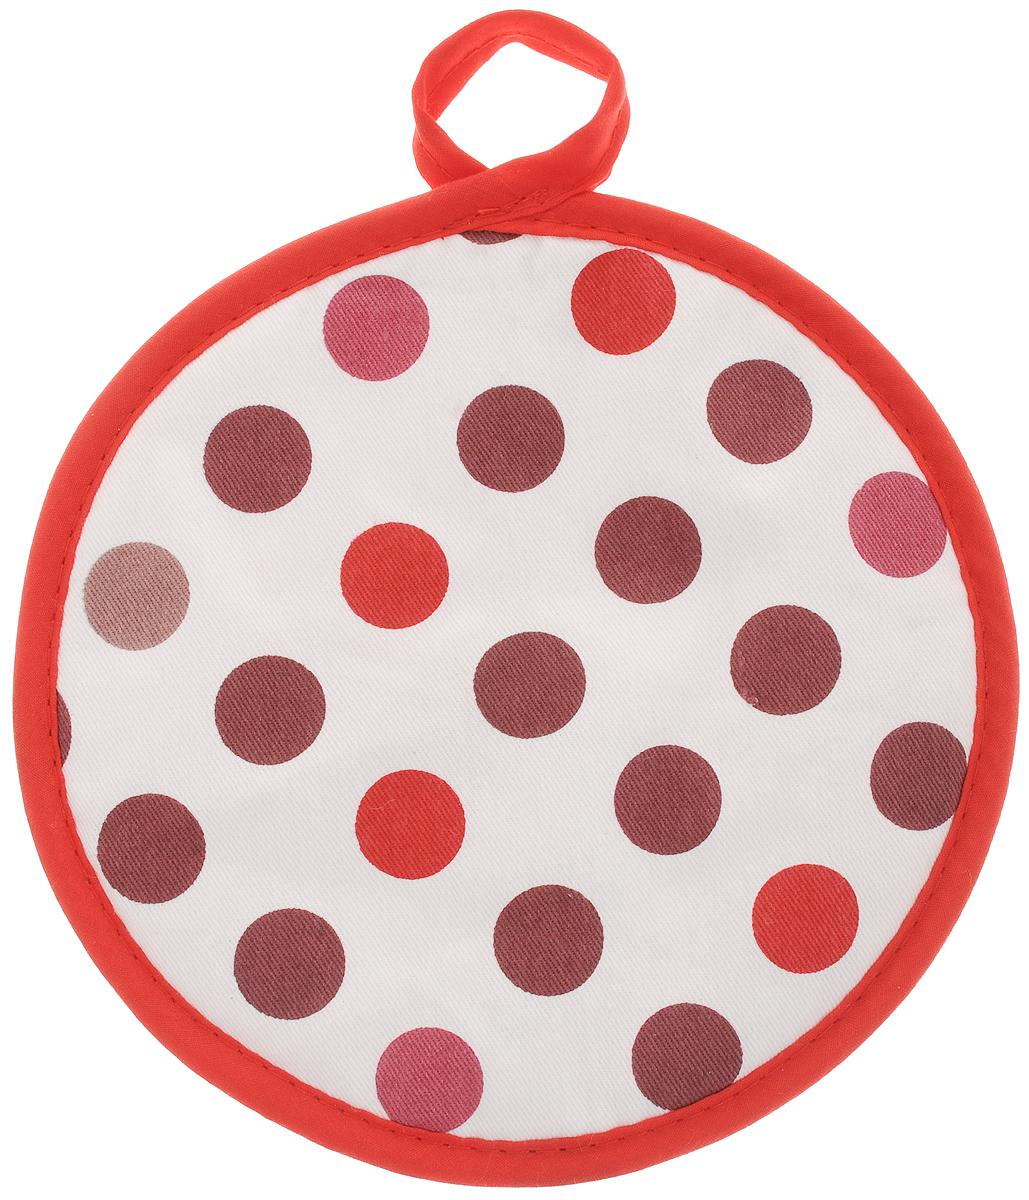 Прихватка Bonita Конфетти, диаметр 18 смVT-1520(SR)Прихватка Bonita выполнена из натурального хлопка и декорирована оригинальным рисунком. Изделие оснащено специальной петелькой, за которую его можно подвесить на крючок в любом удобном для вас месте. Такая прихватка красиво дополнит интерьер кухни.